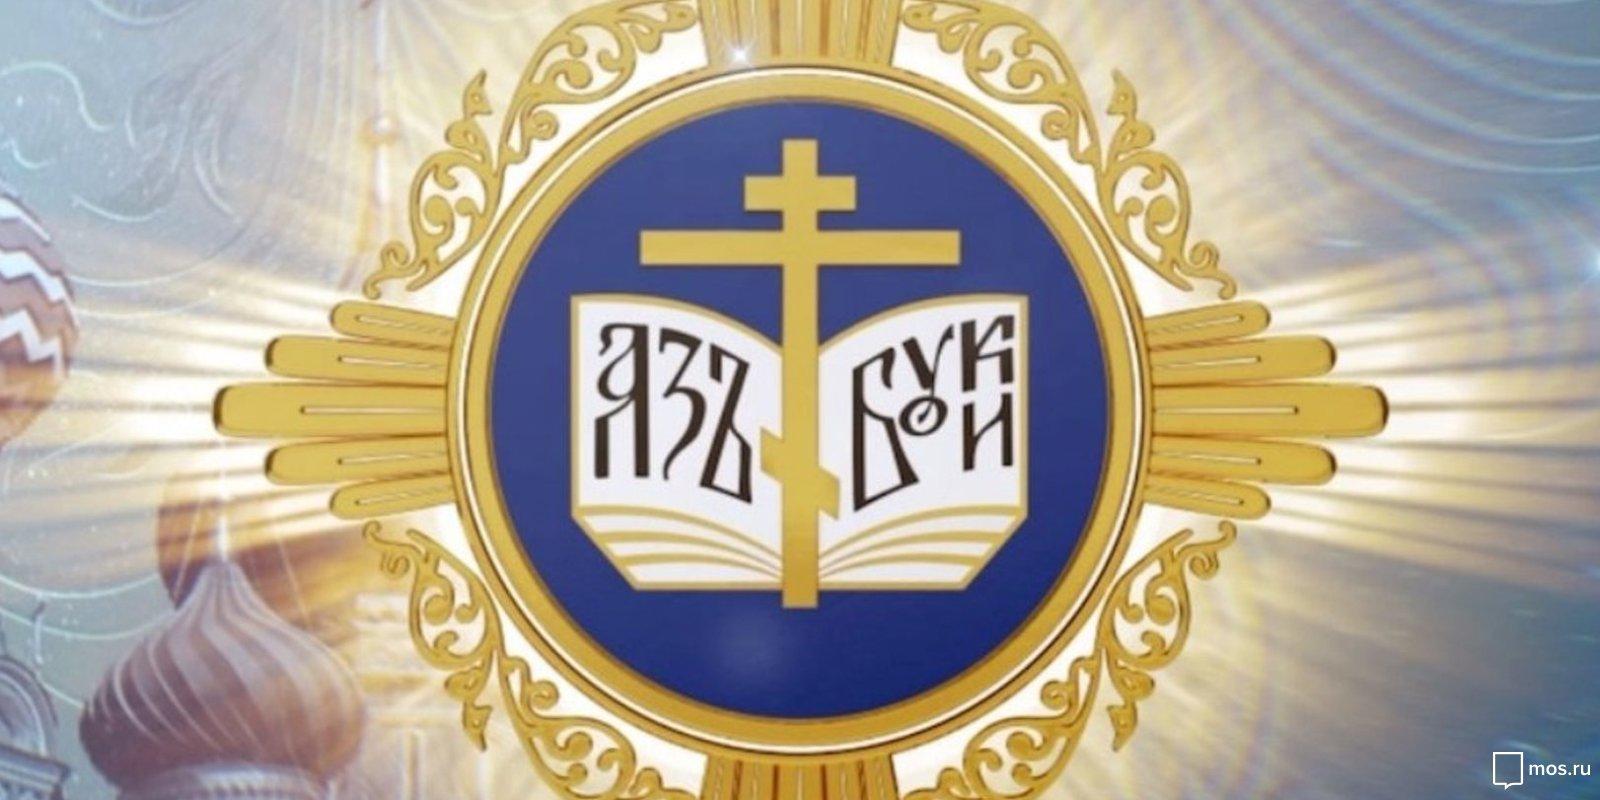 emblemaChtenii(9)